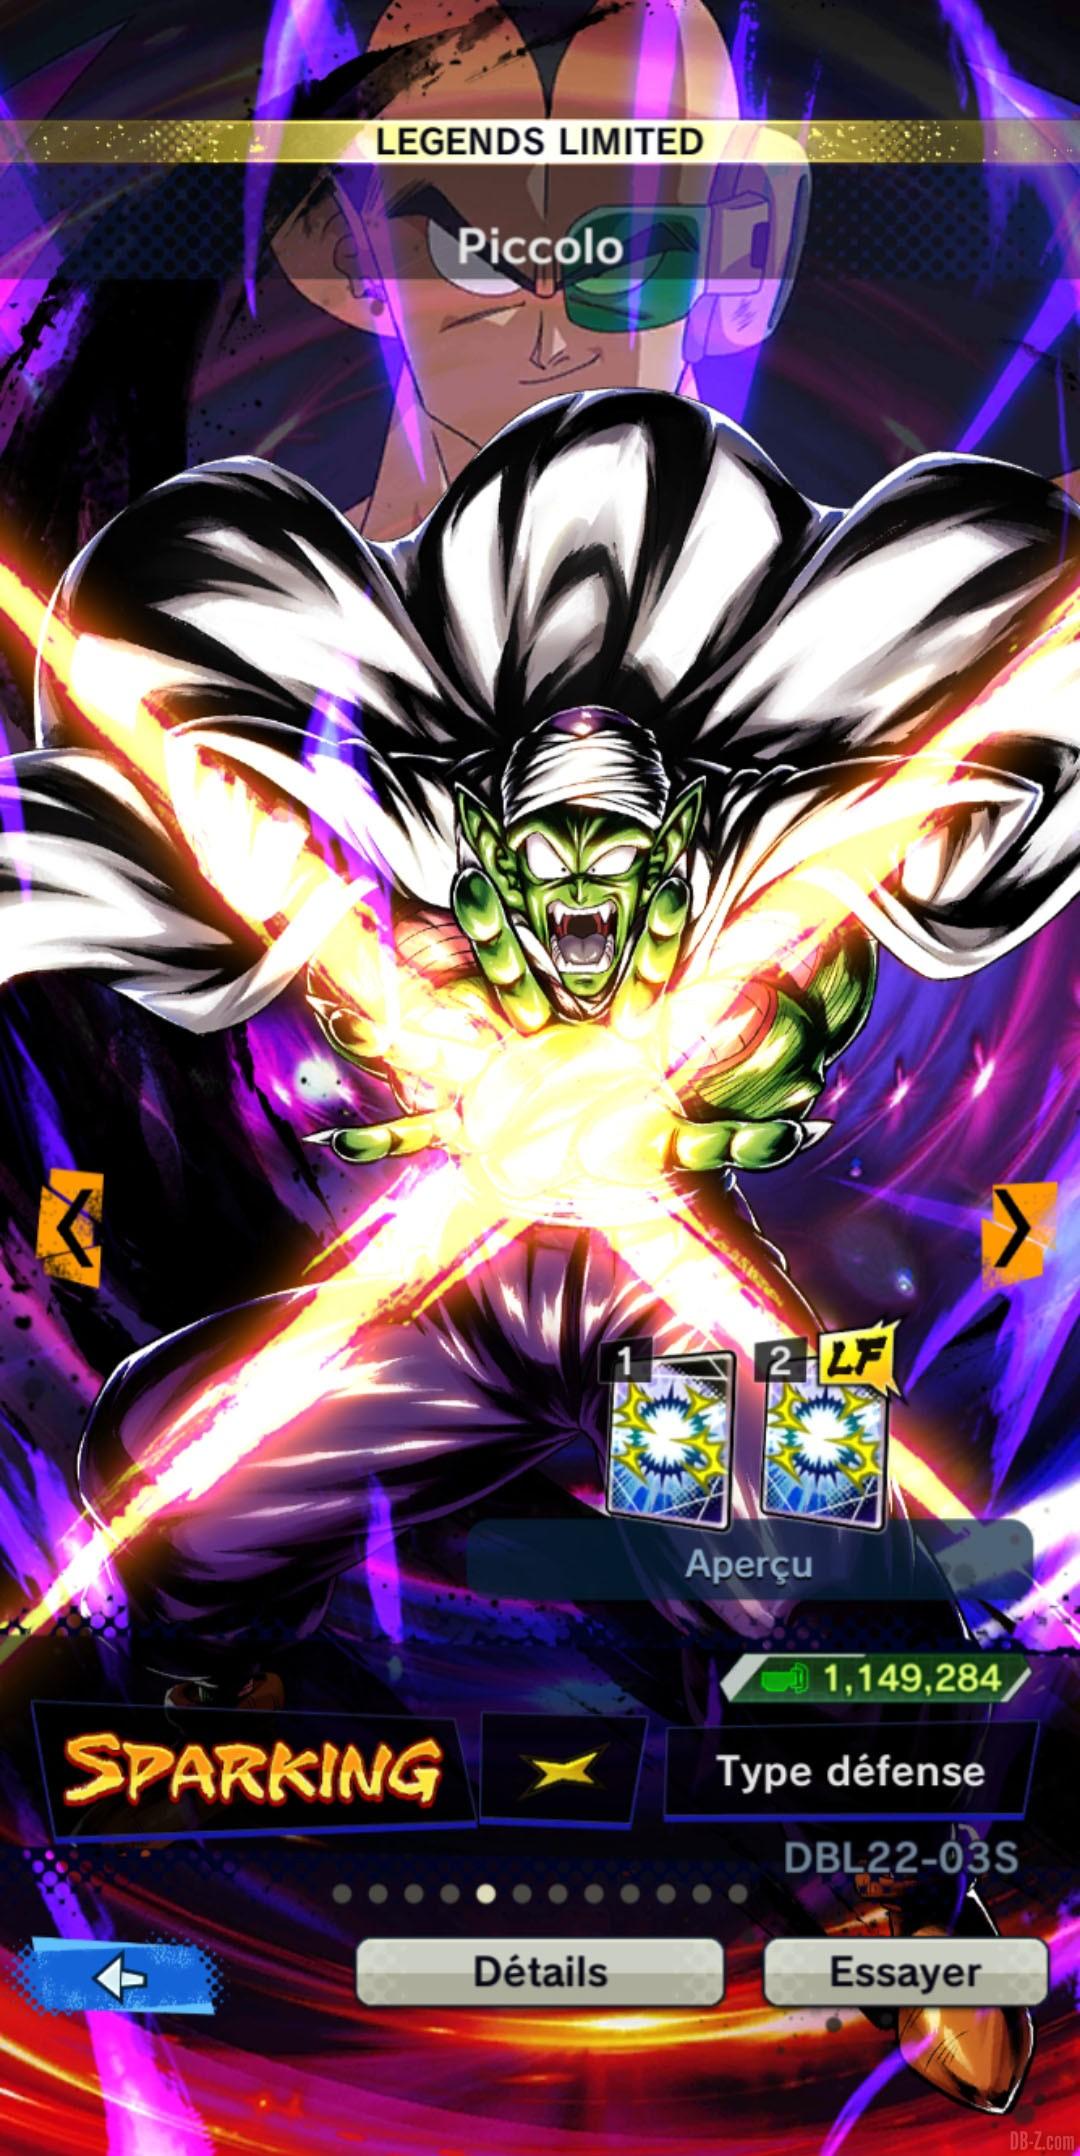 Dragon Ball Legends Limited Piccolo JAUNE Defense